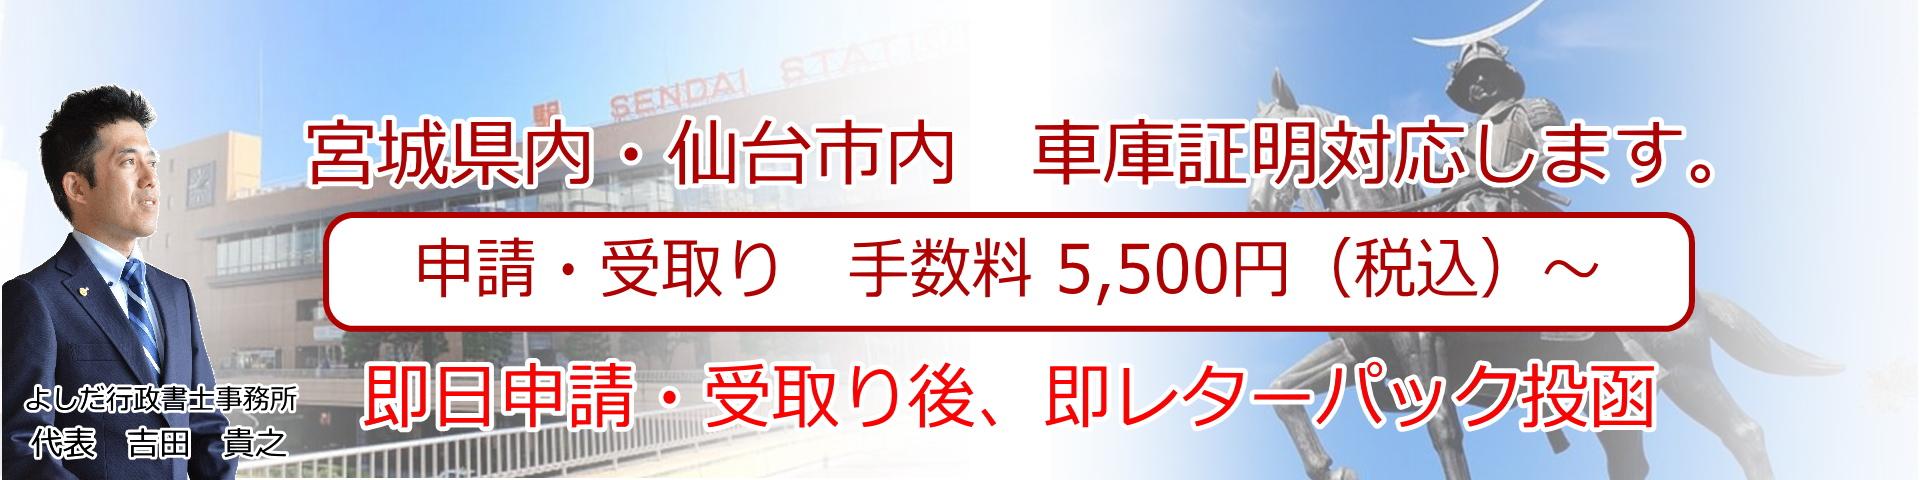 宮城県内・仙台市 車庫証明5,500円~ 出張封印、登録